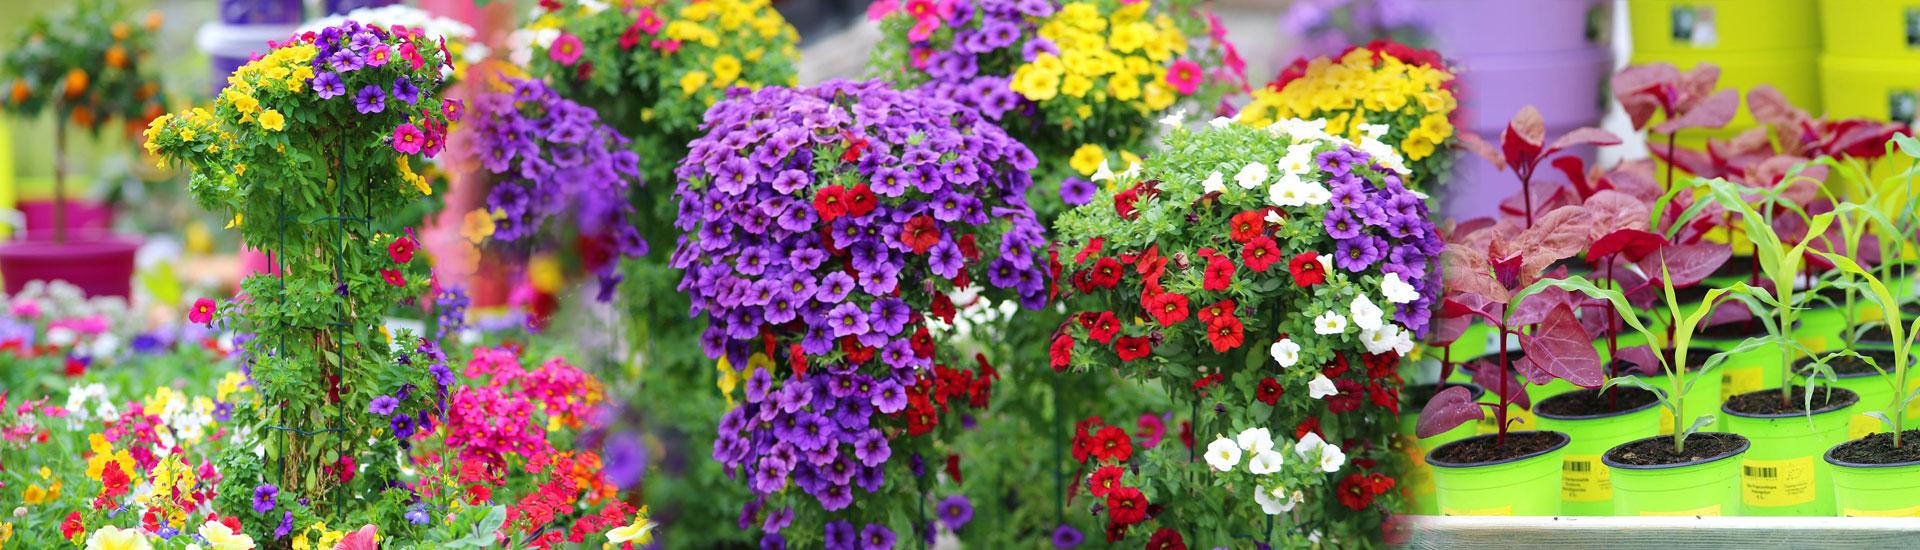 Gärtnerei Ganger | Frühling